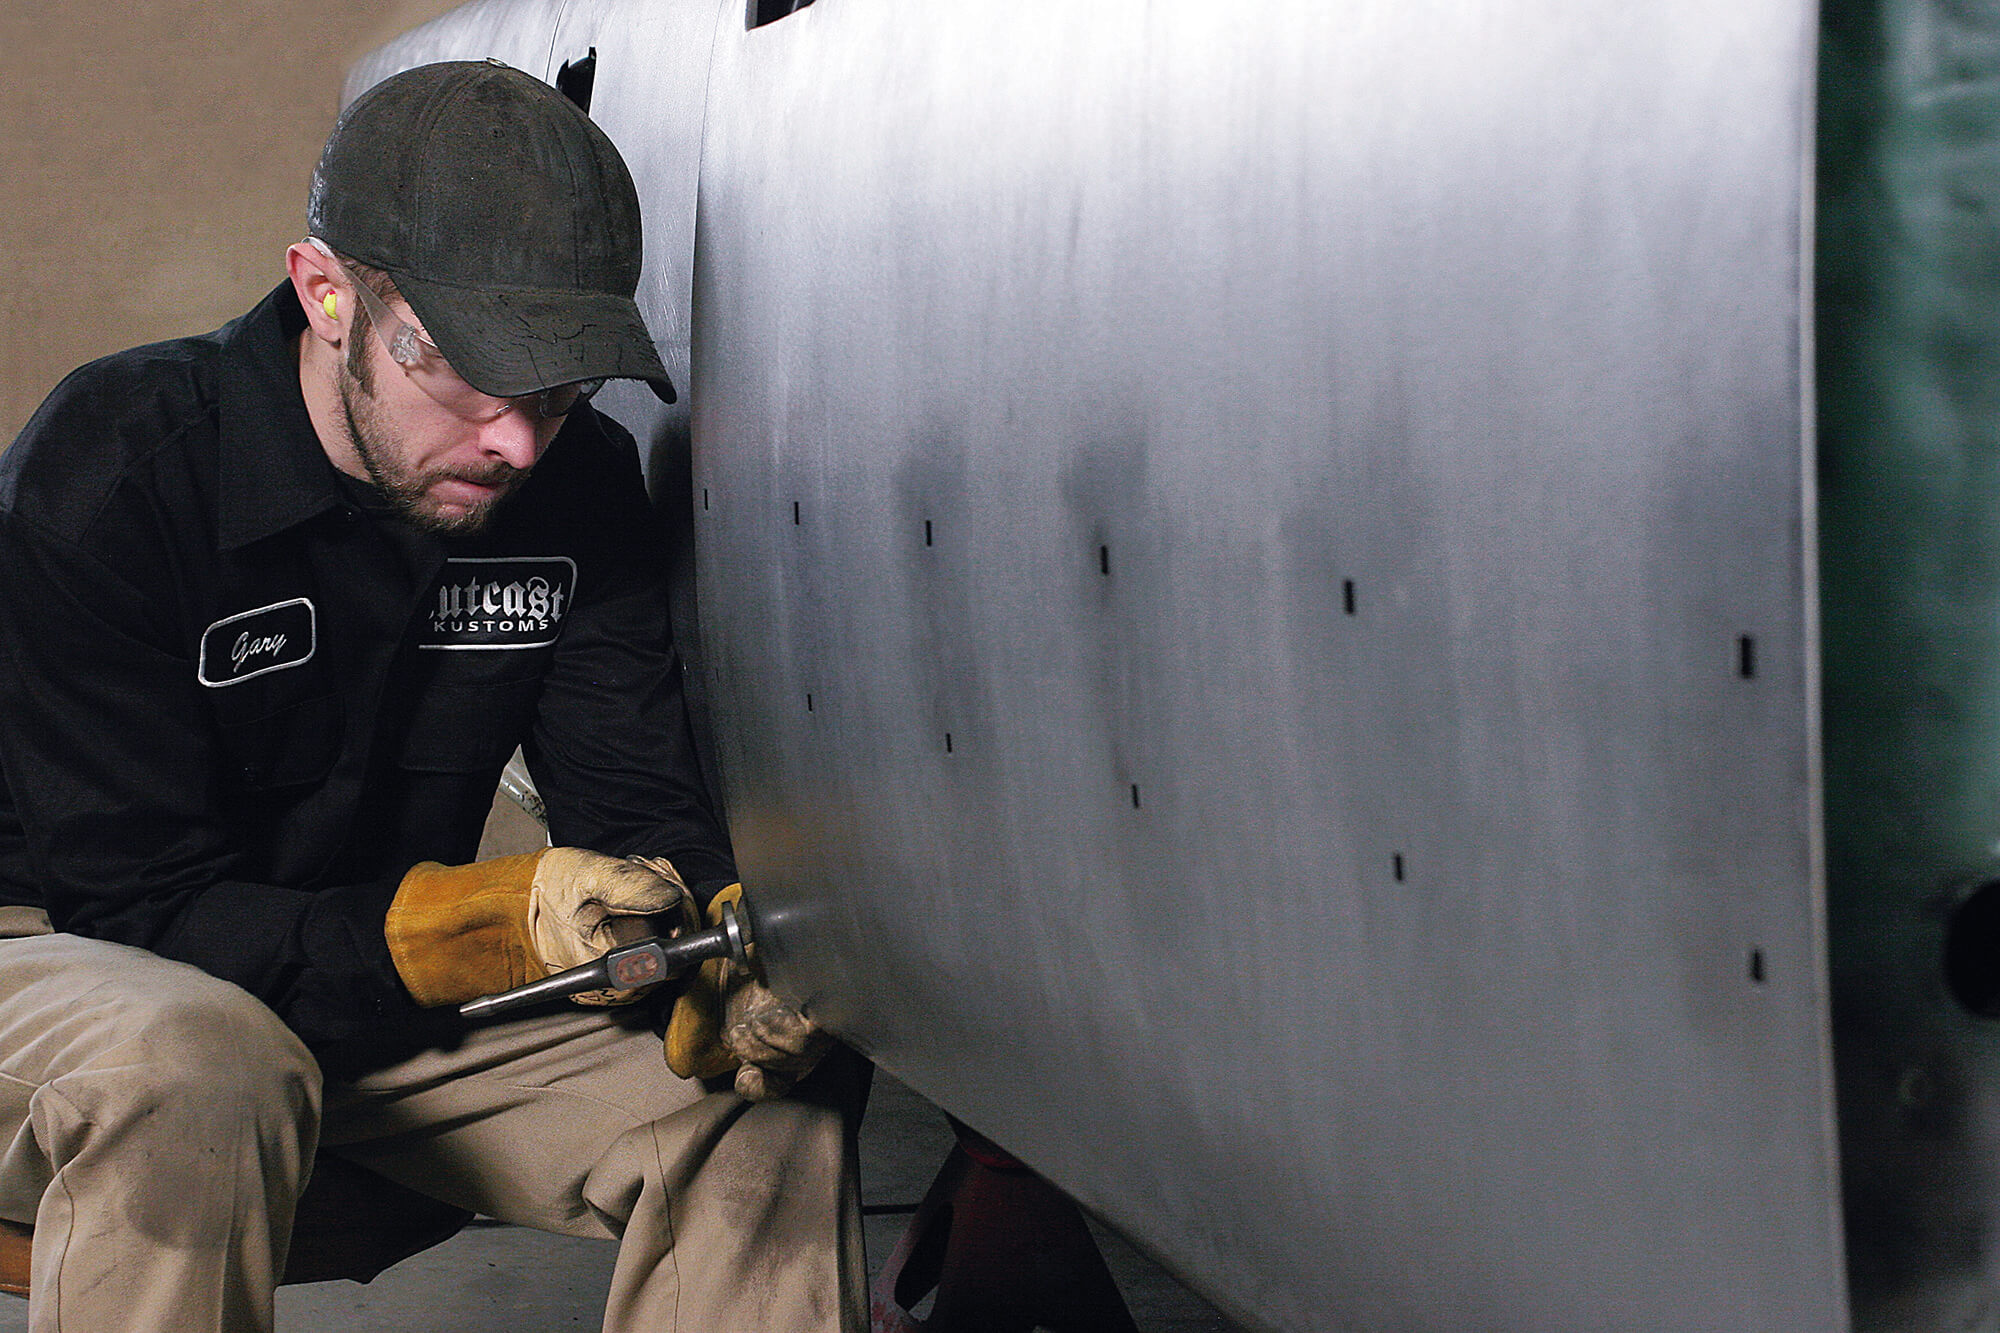 Examining the Door Skin